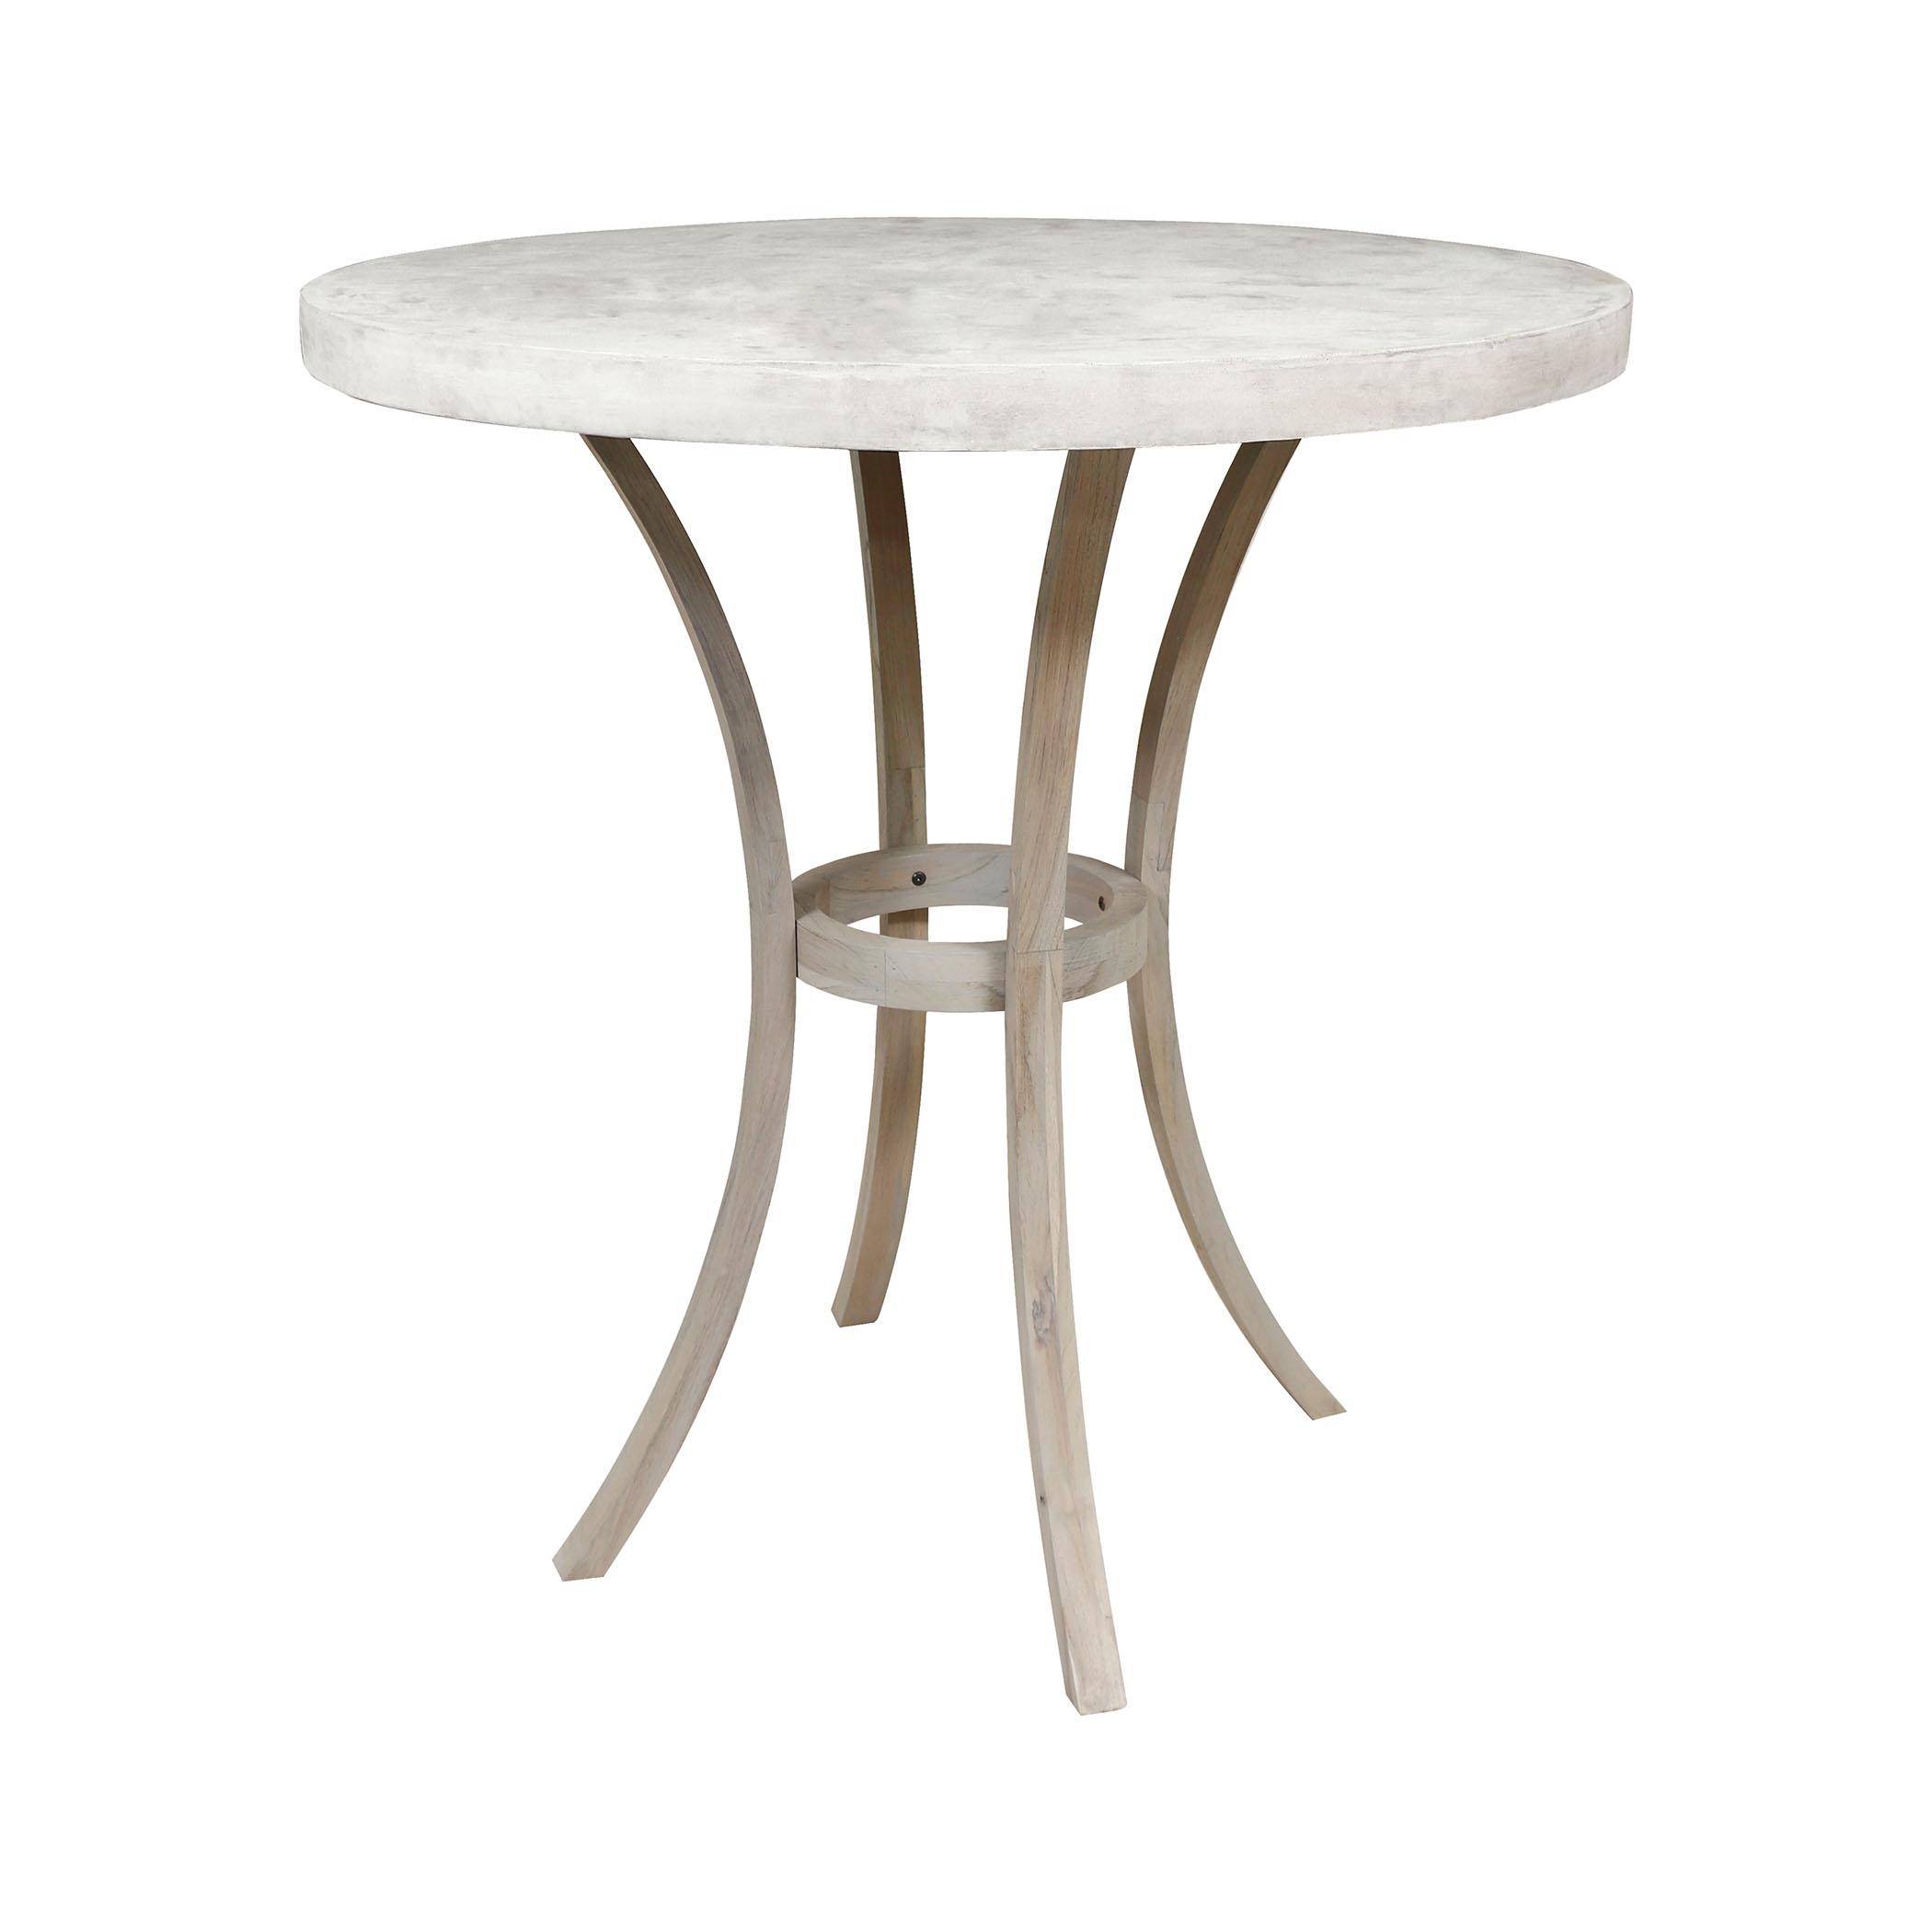 Teak Bistro Outdoor Concrete Table 7118010HT   ELK Home